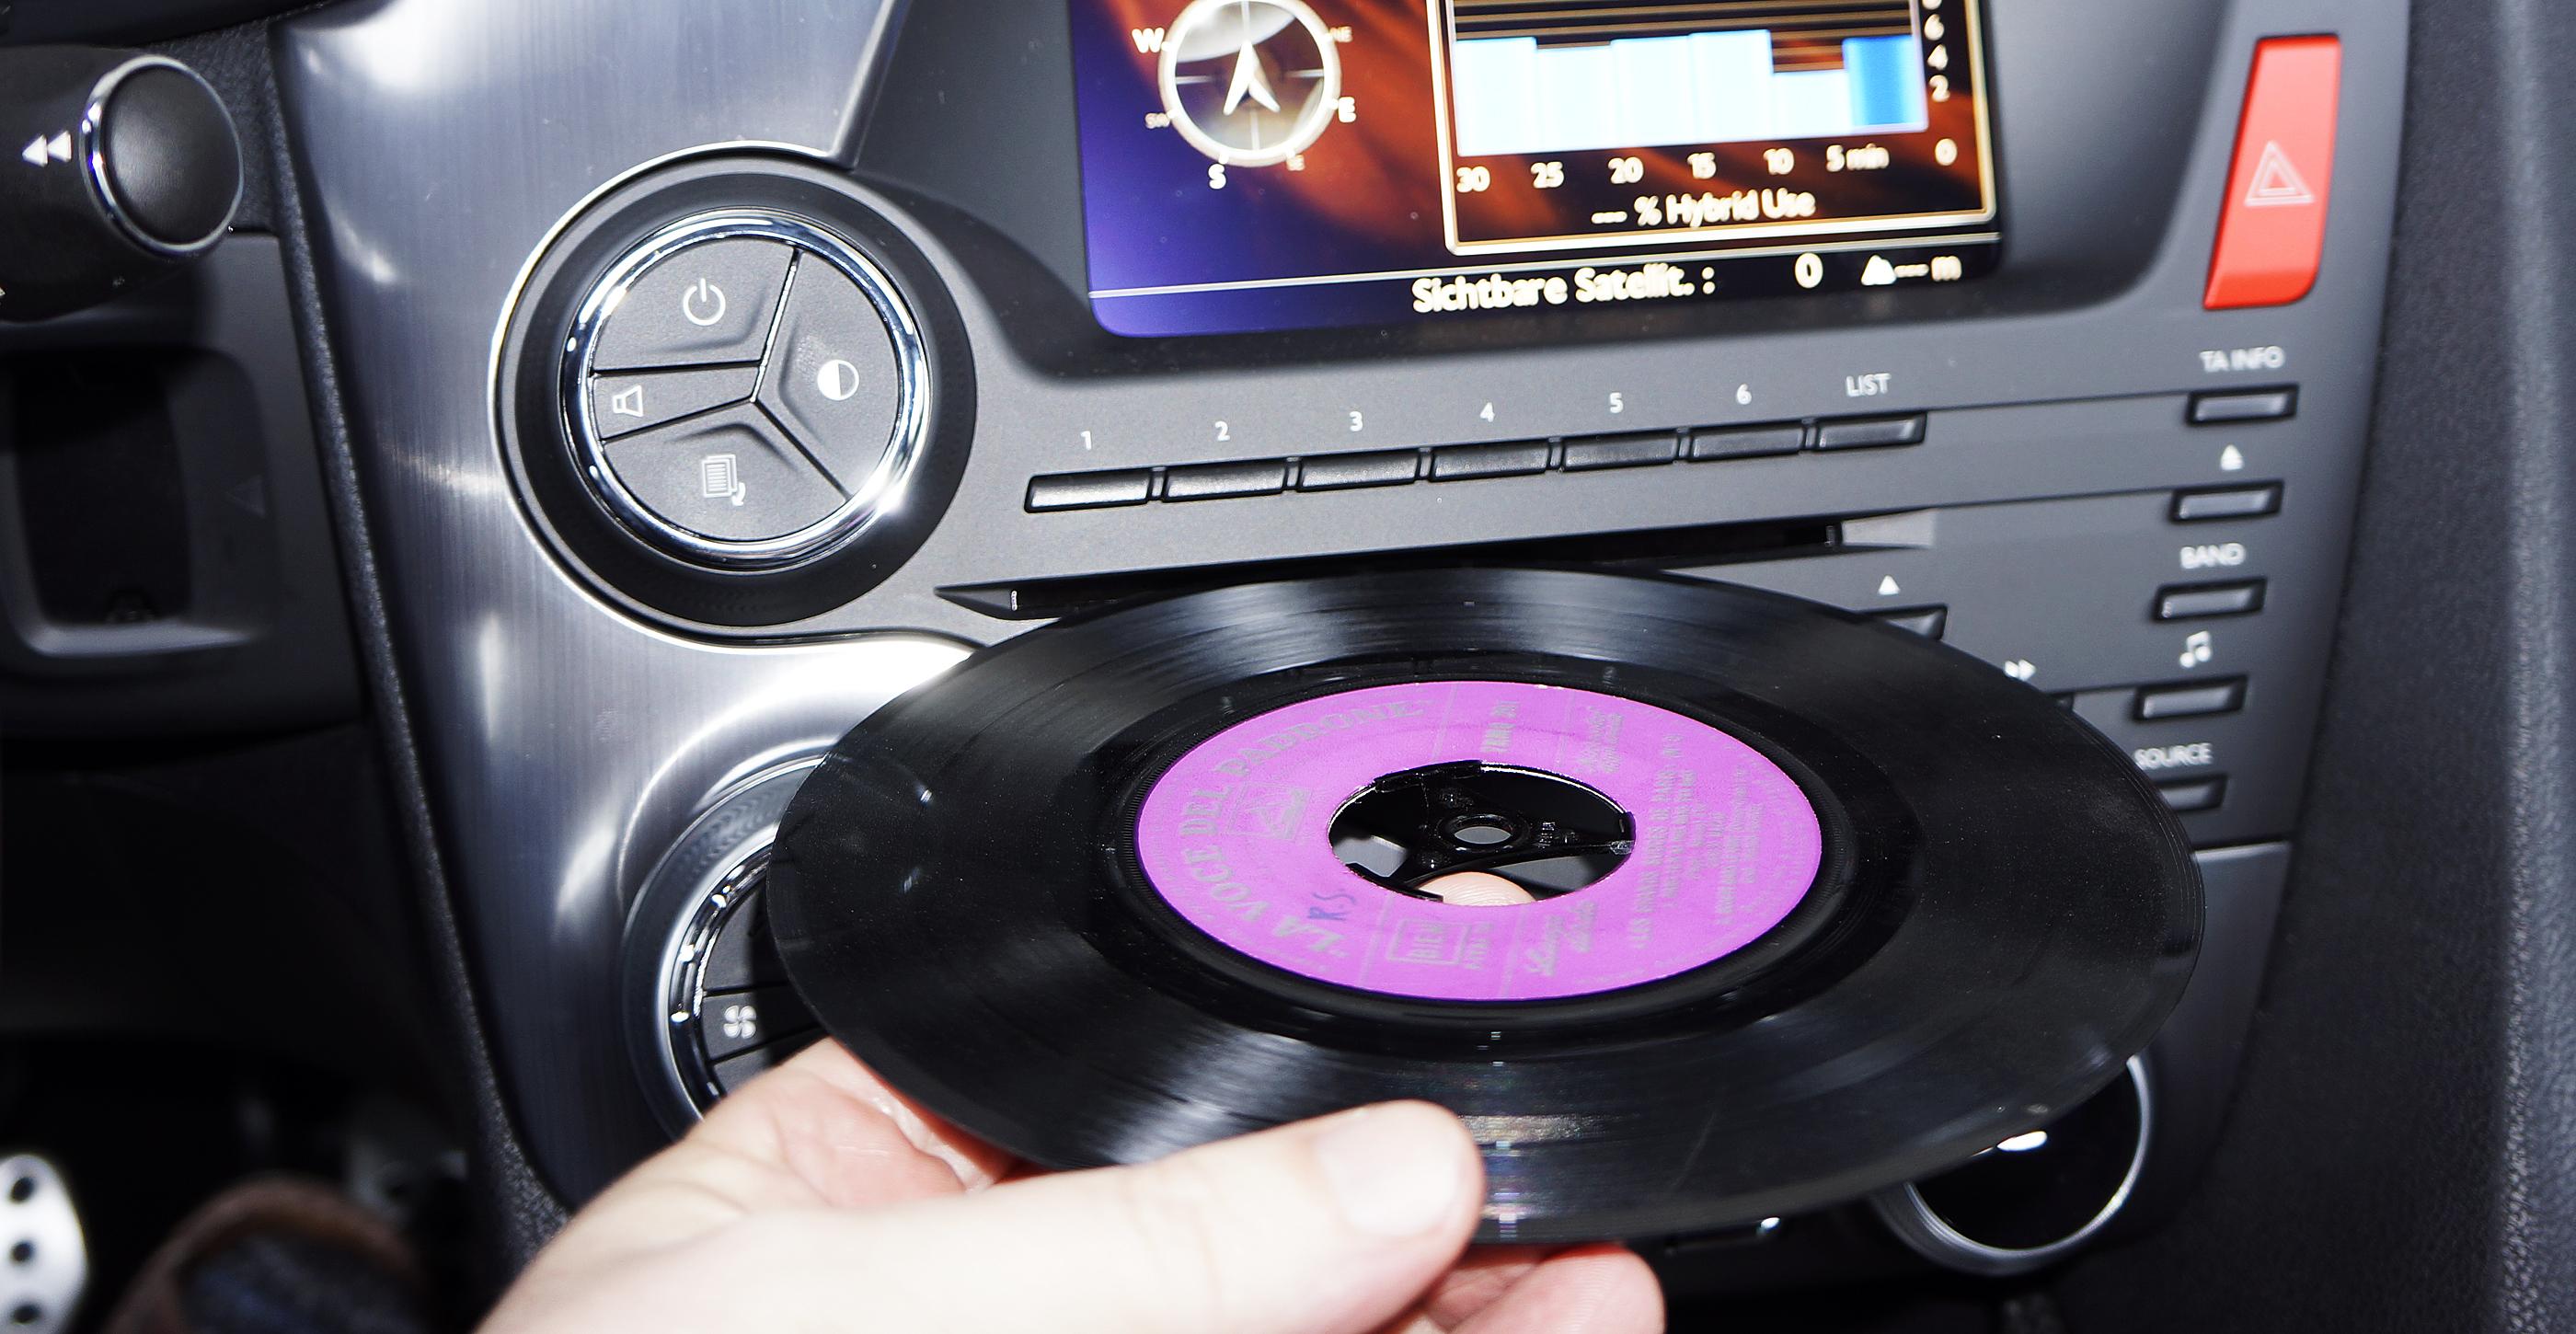 Citroen DS 5 CD Player